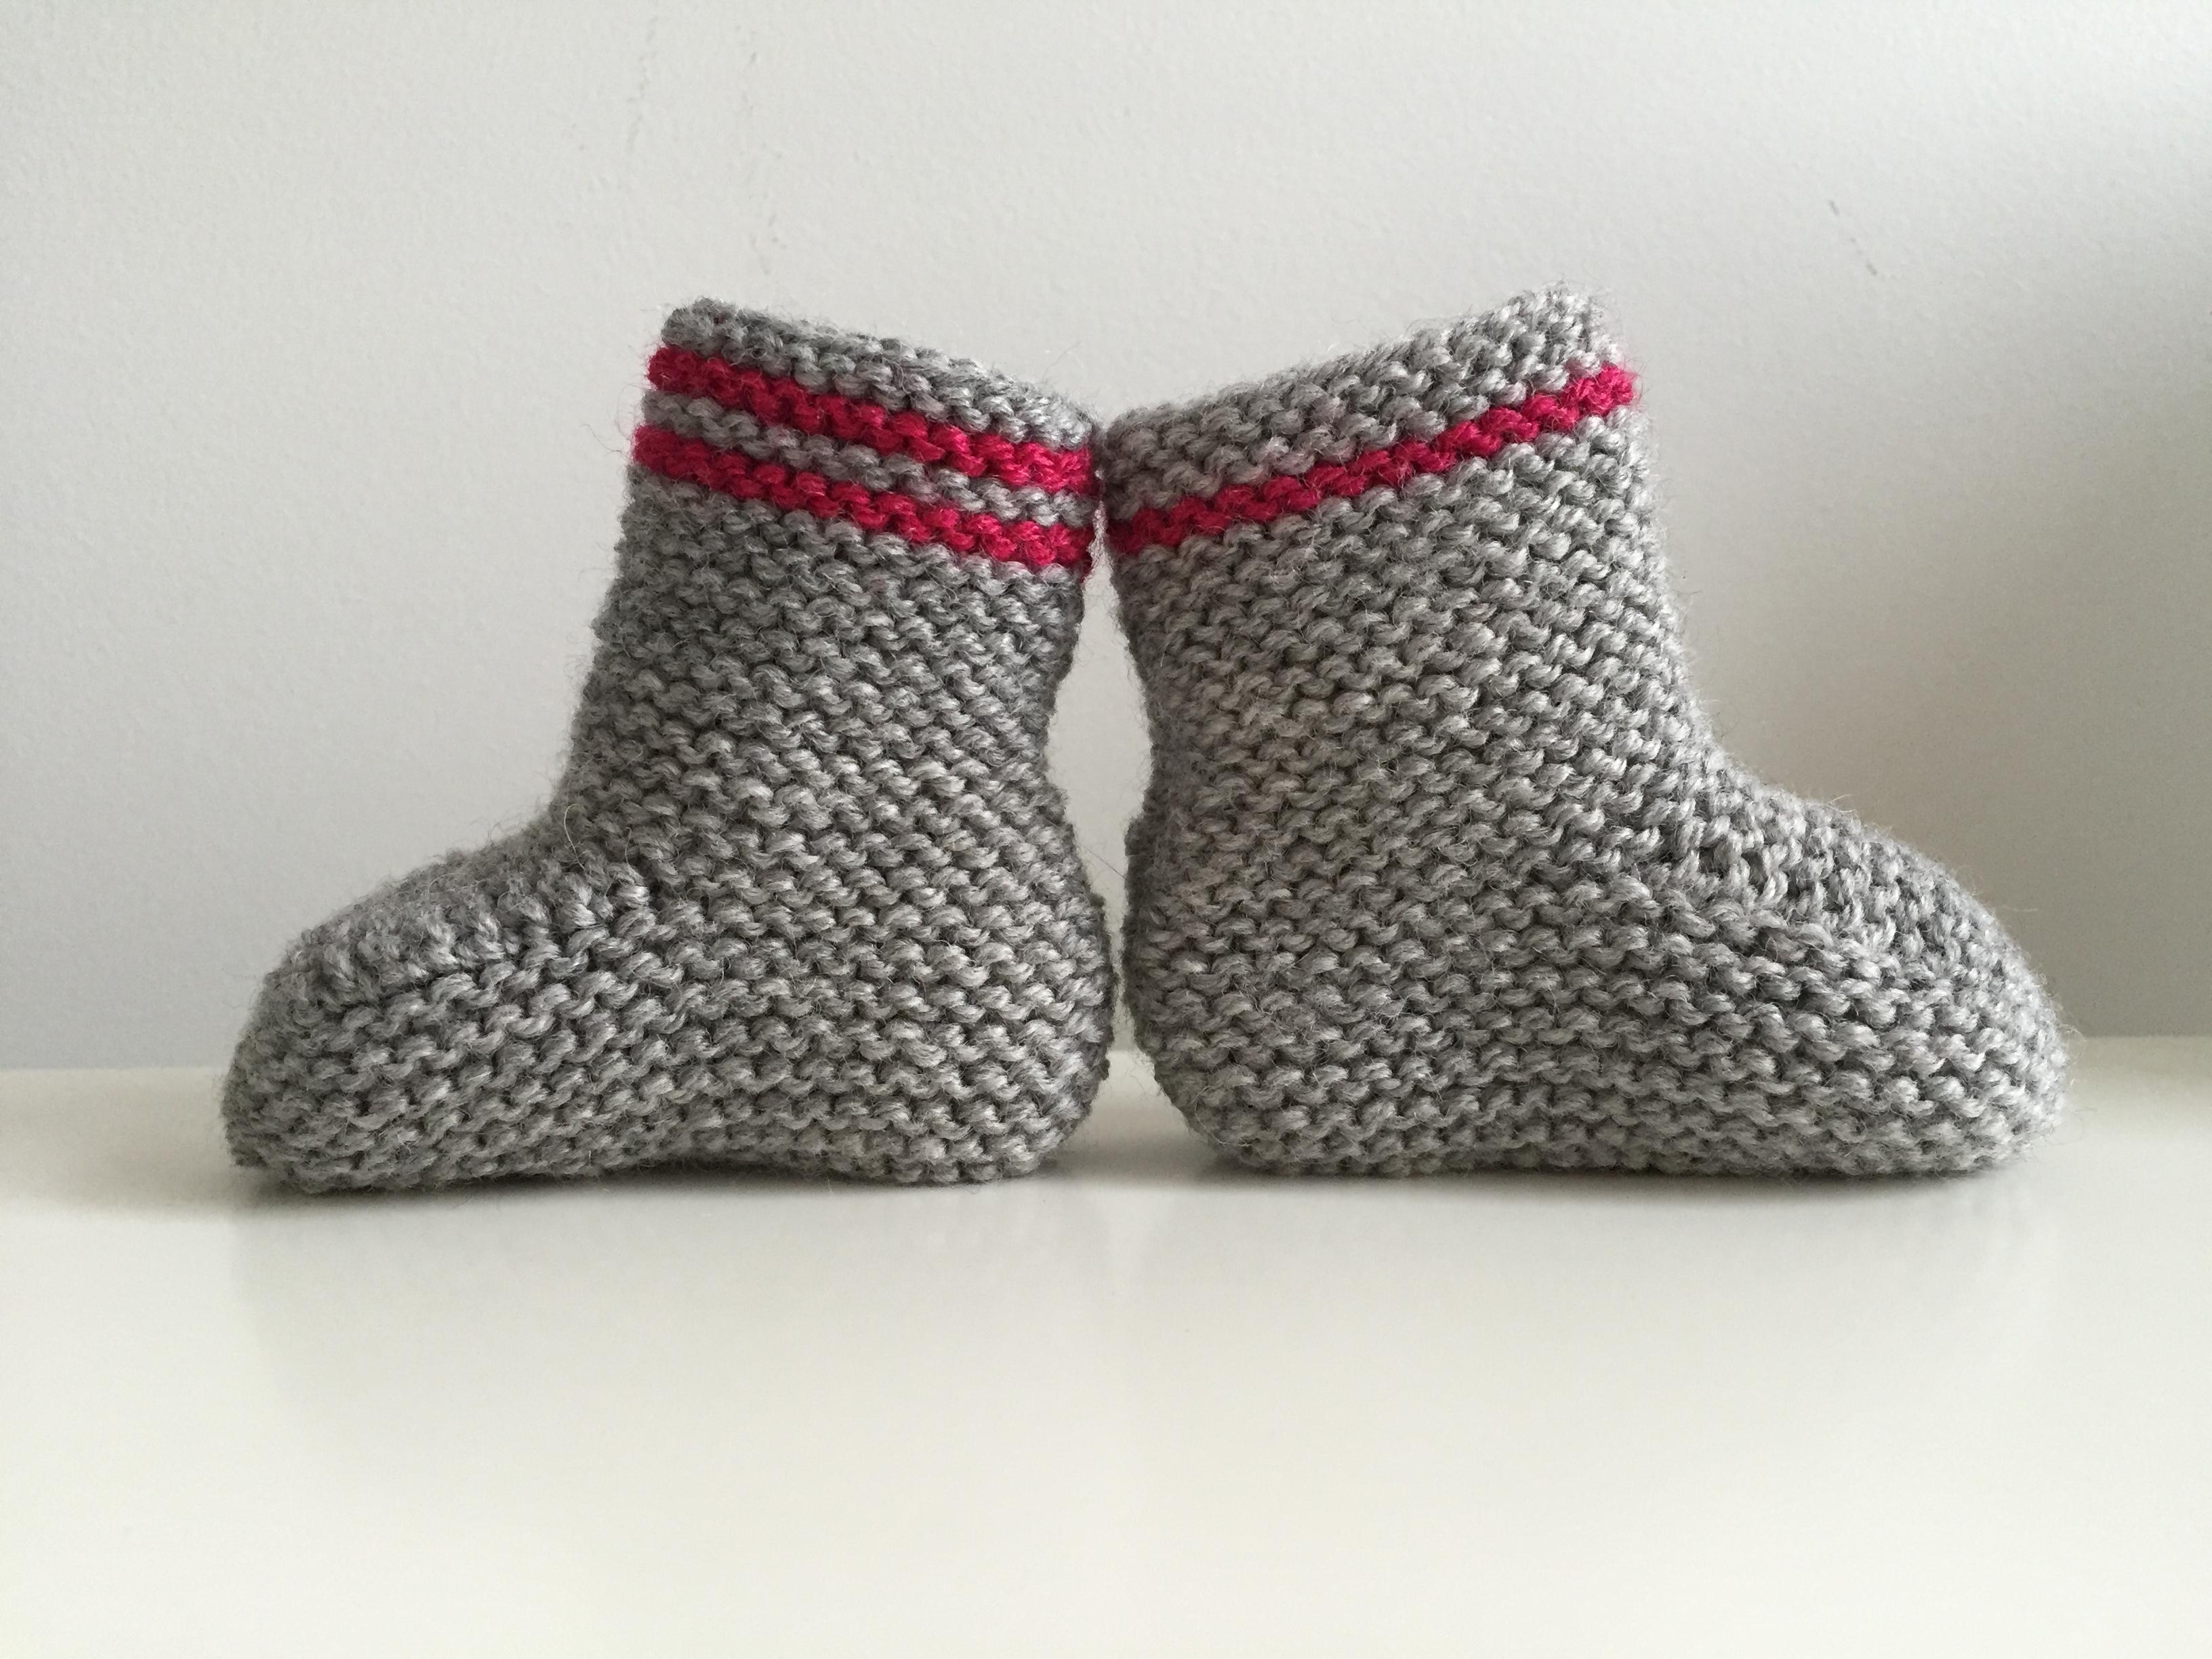 Petites bottines pour baby girl